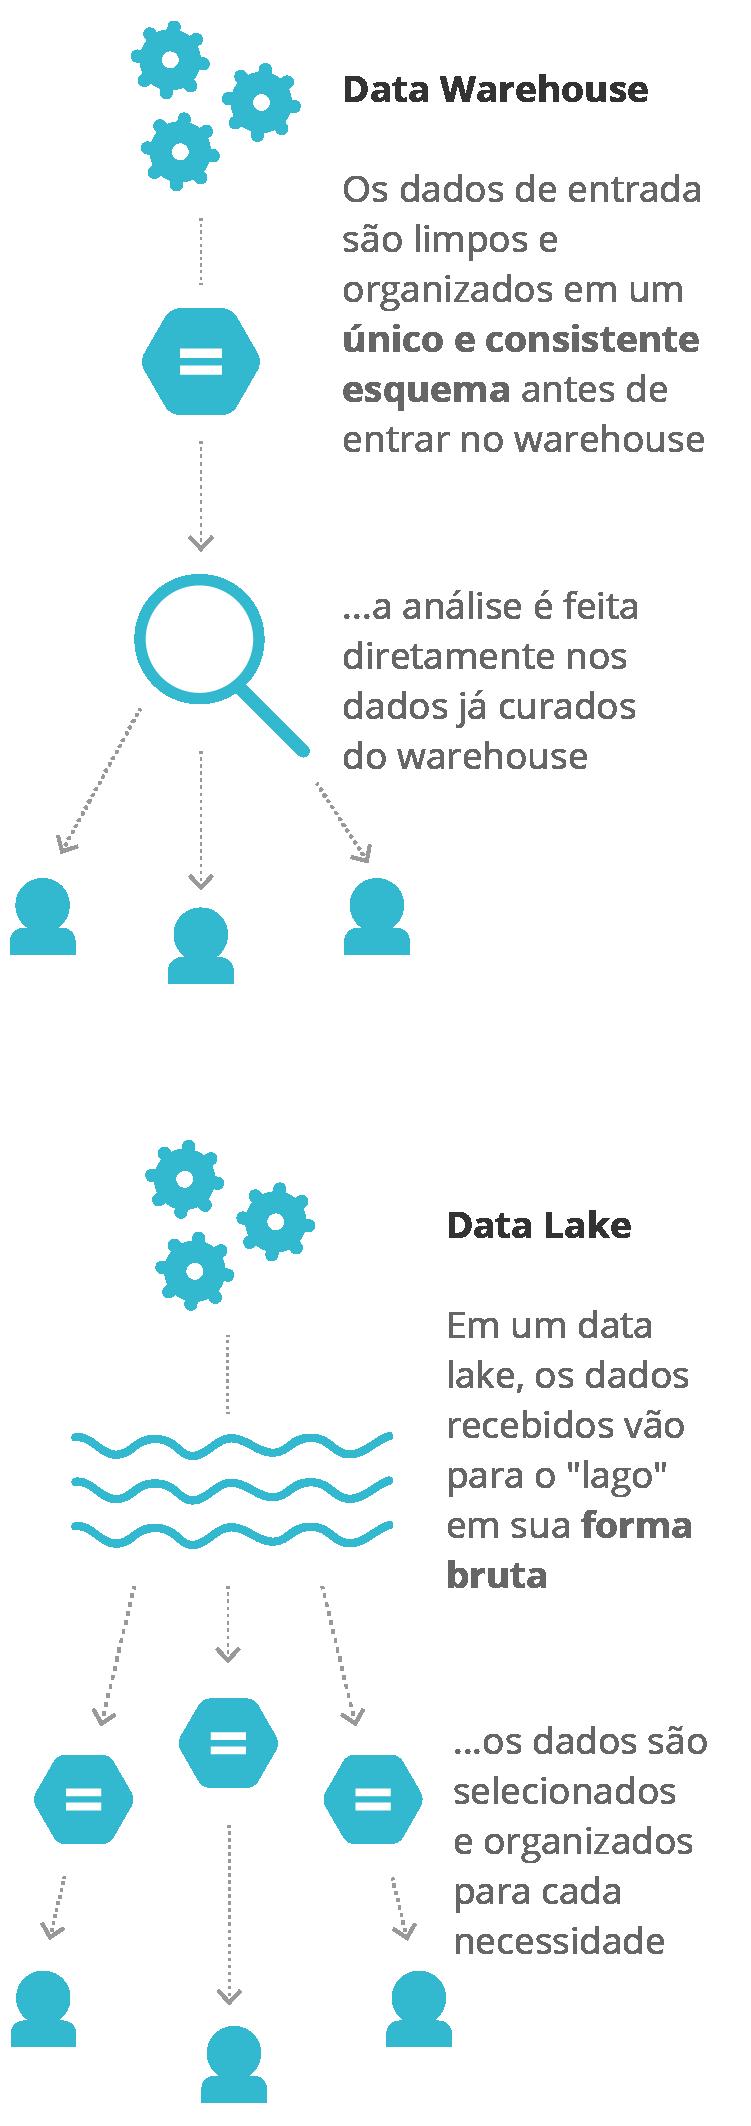 Diagrama – Estrutura organizacional/data lake típica